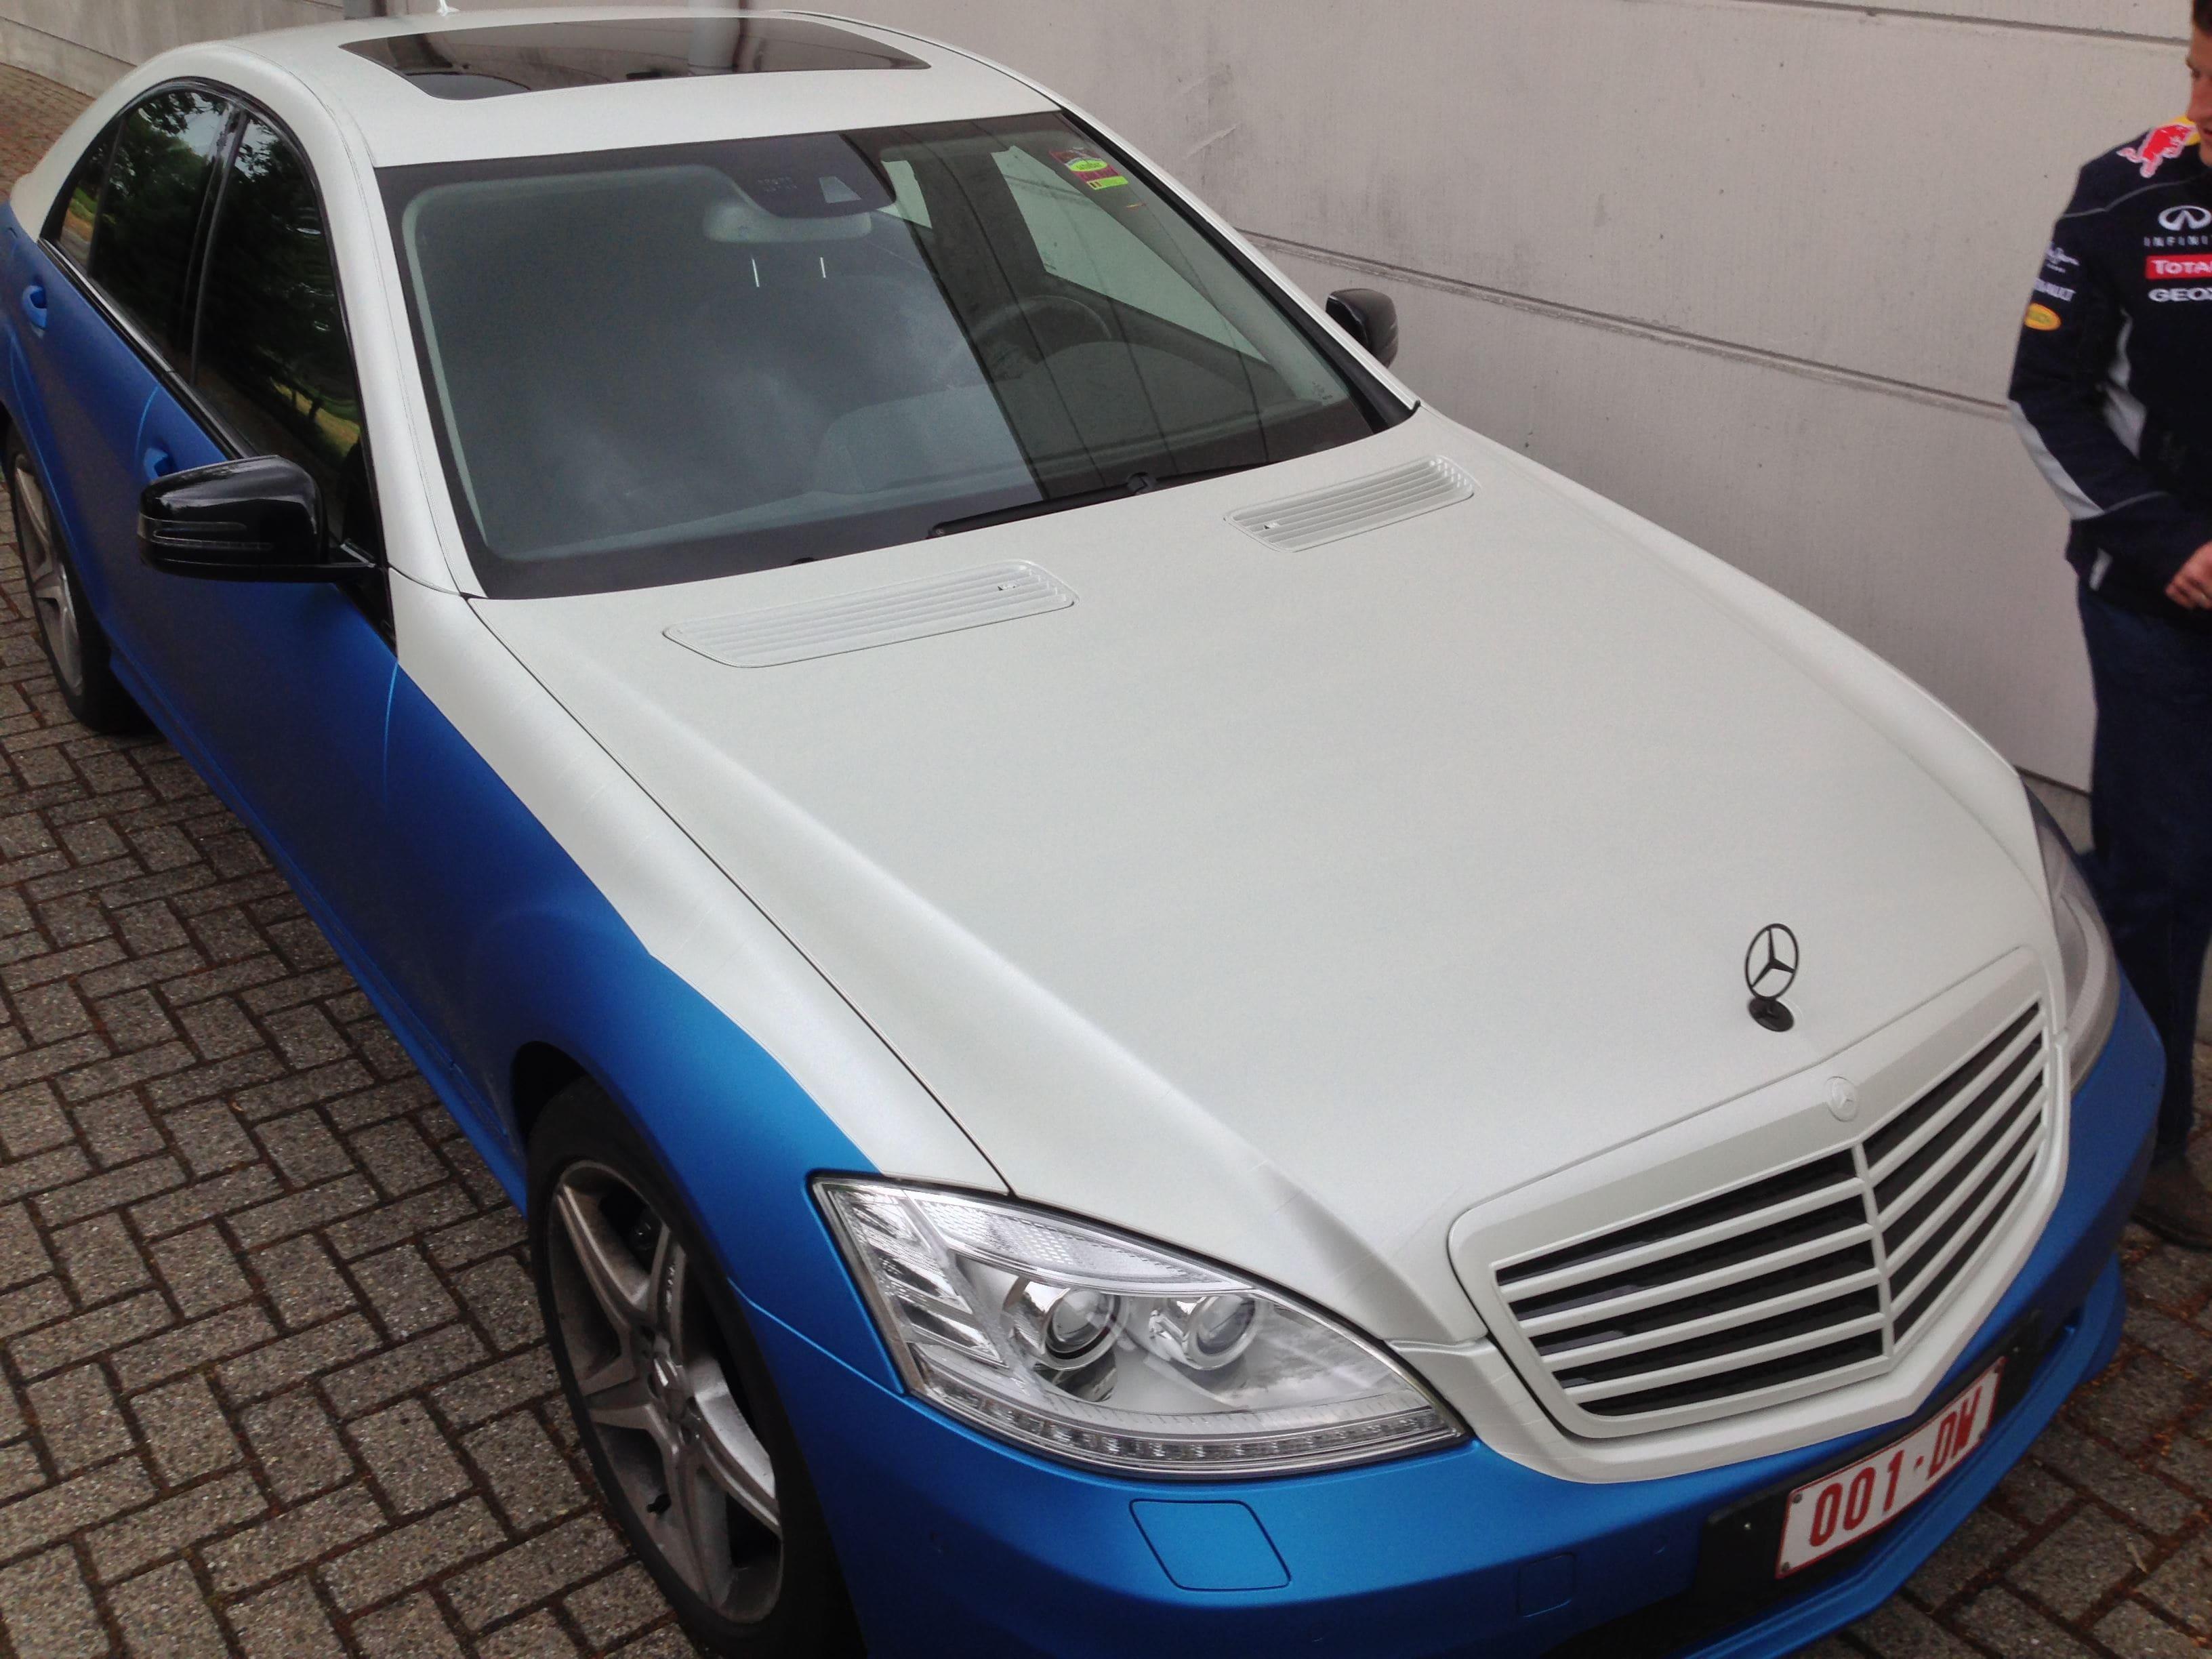 Mercedes S-Klasse AMG met Speciale Modball Wrap, Carwrapping door Wrapmyride.nu Foto-nr:6319, ©2021